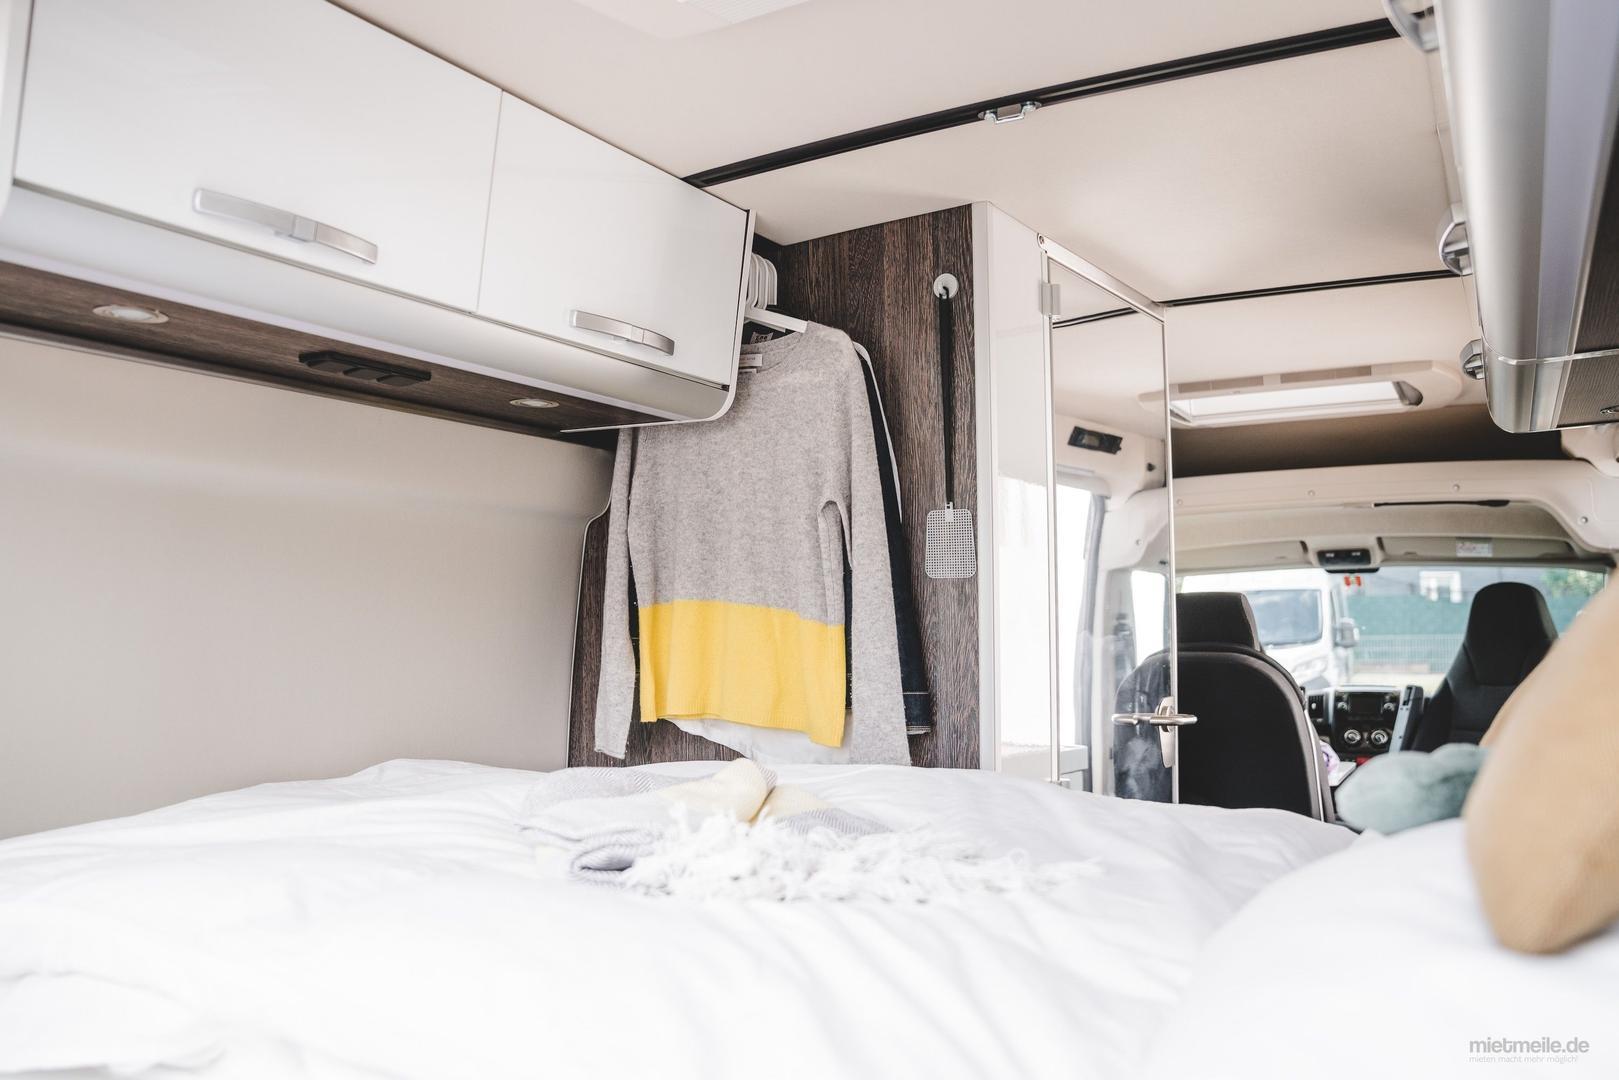 Wohnmobile mieten & vermieten - Westfalia Columbus 600 D und 640 E Luxus-Last-Minute-Wohnmobil, freie Zeiten Oktober bei Ihrem 5-Sterne-Anbieter zwischen Köln und Düsseldorf in Leichlingen